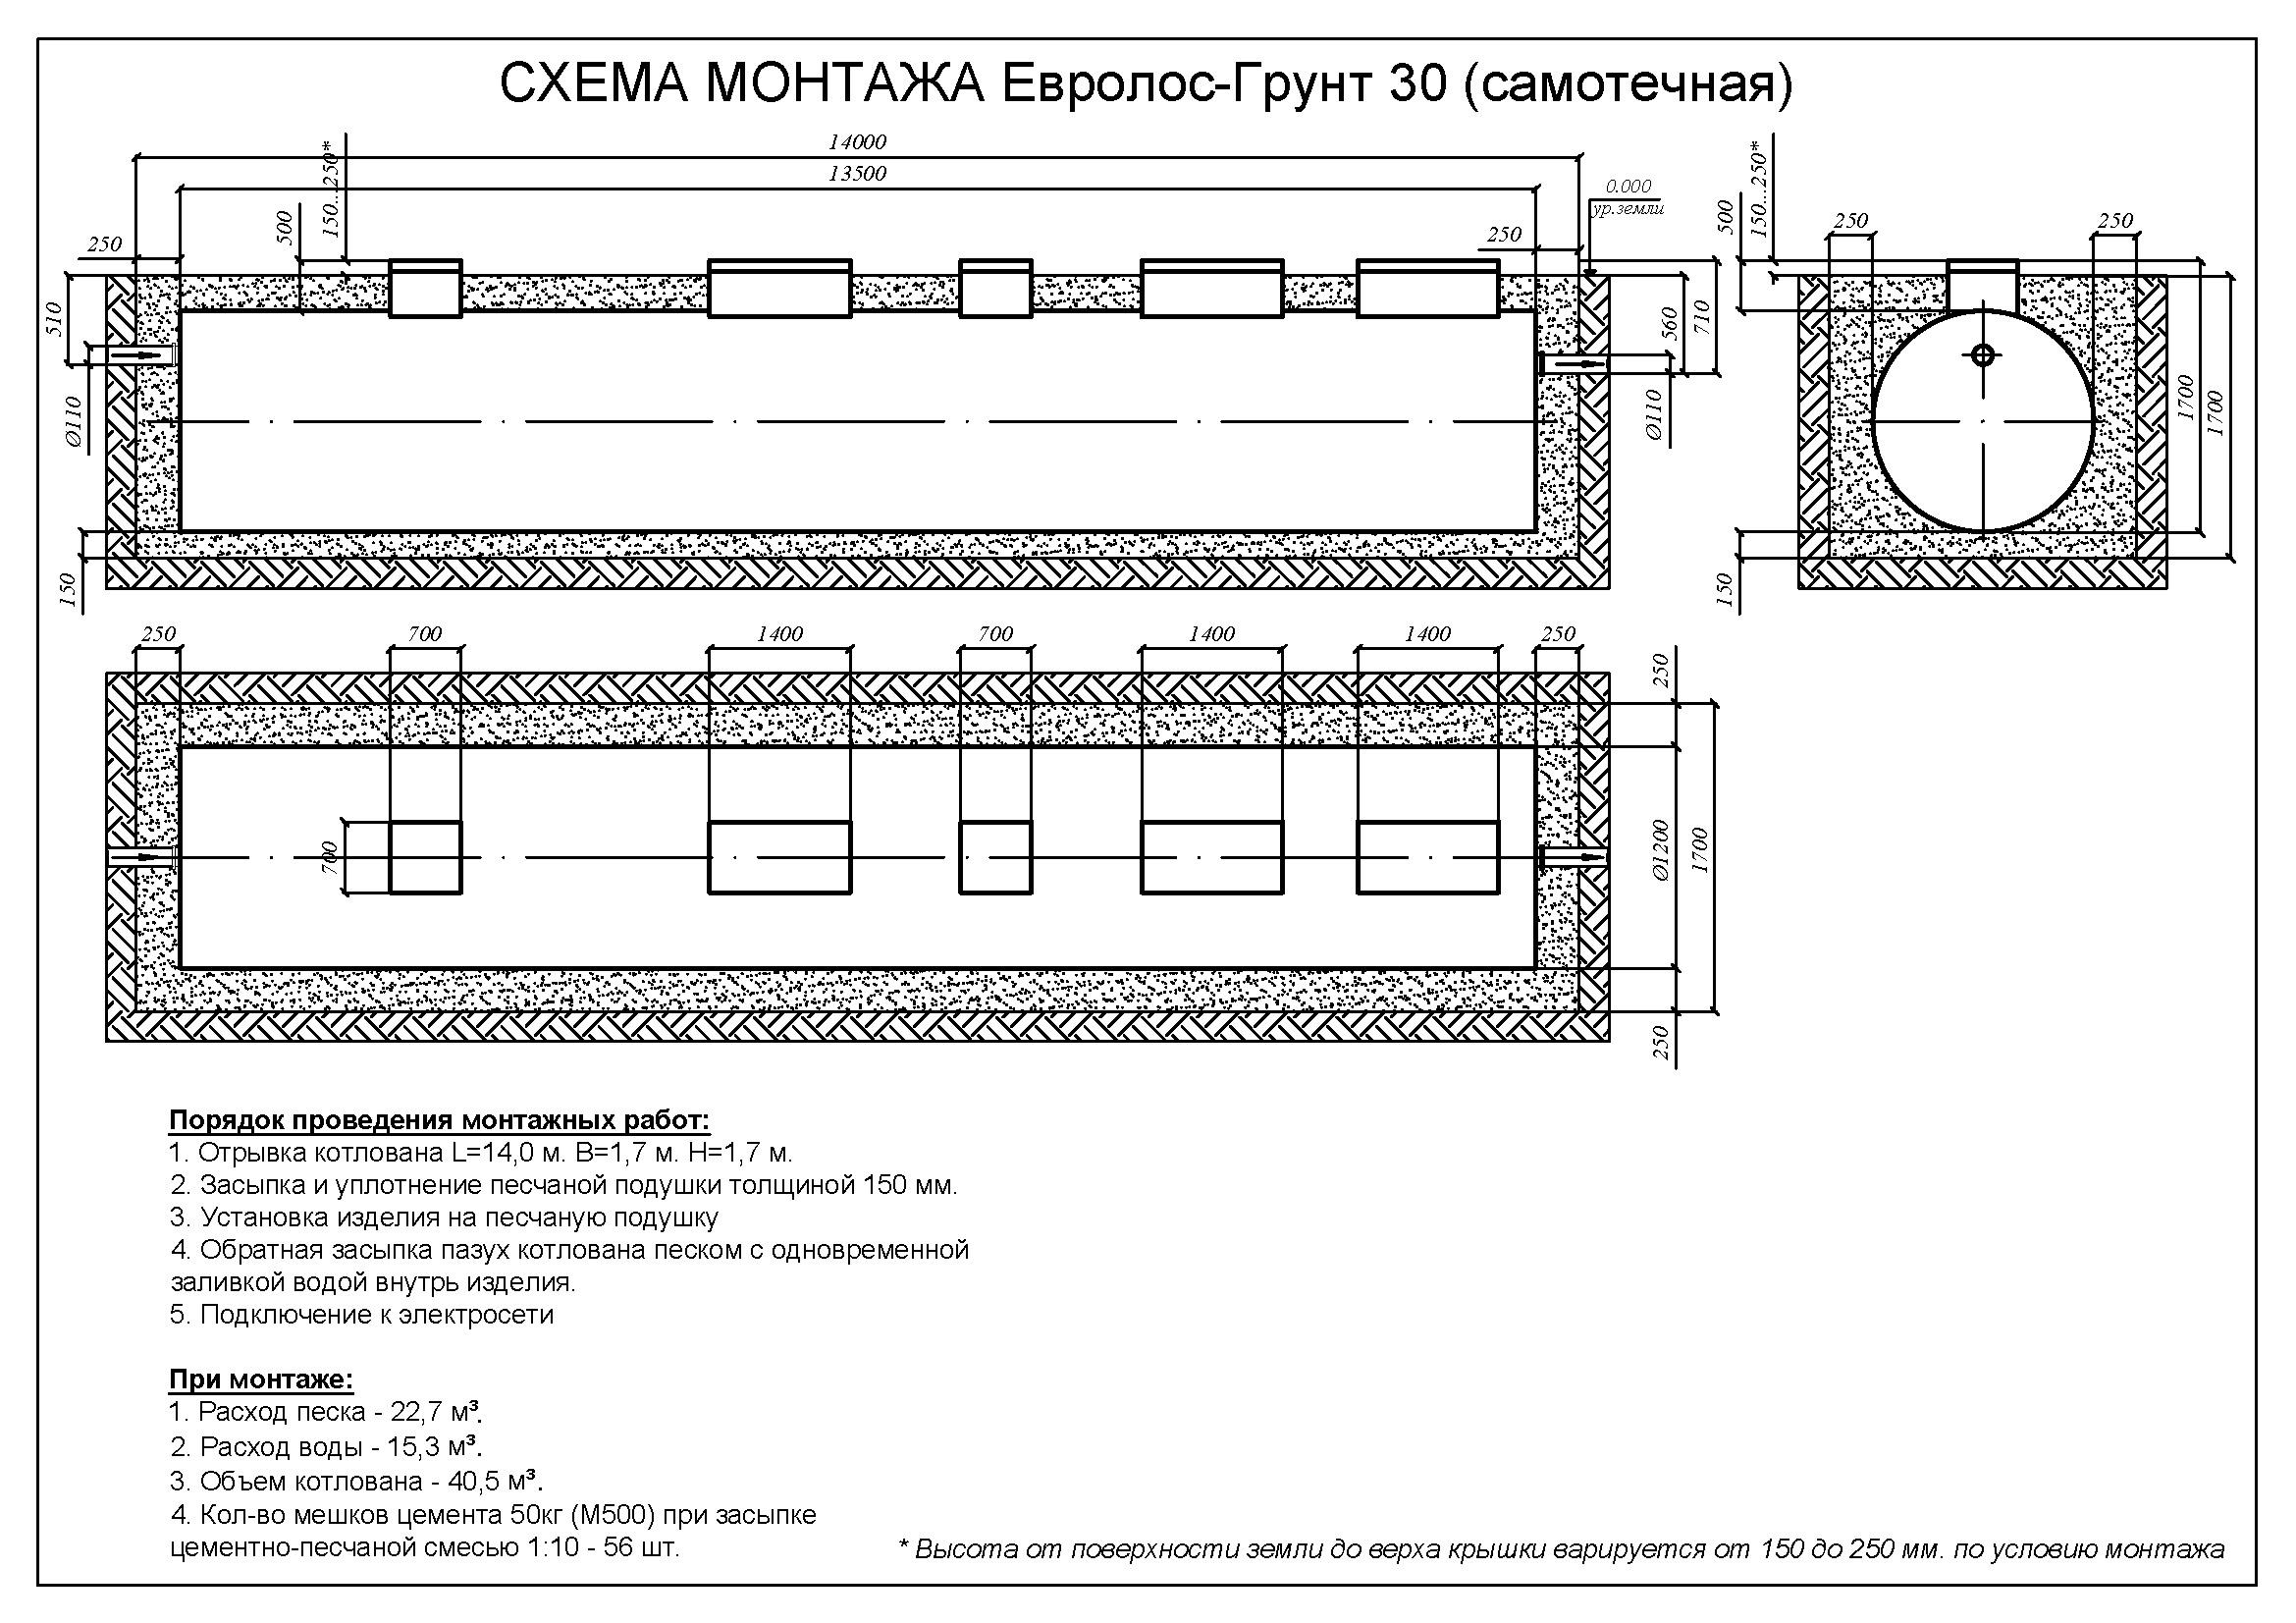 Монтажные схемы Евролос Грунт_Страница_21